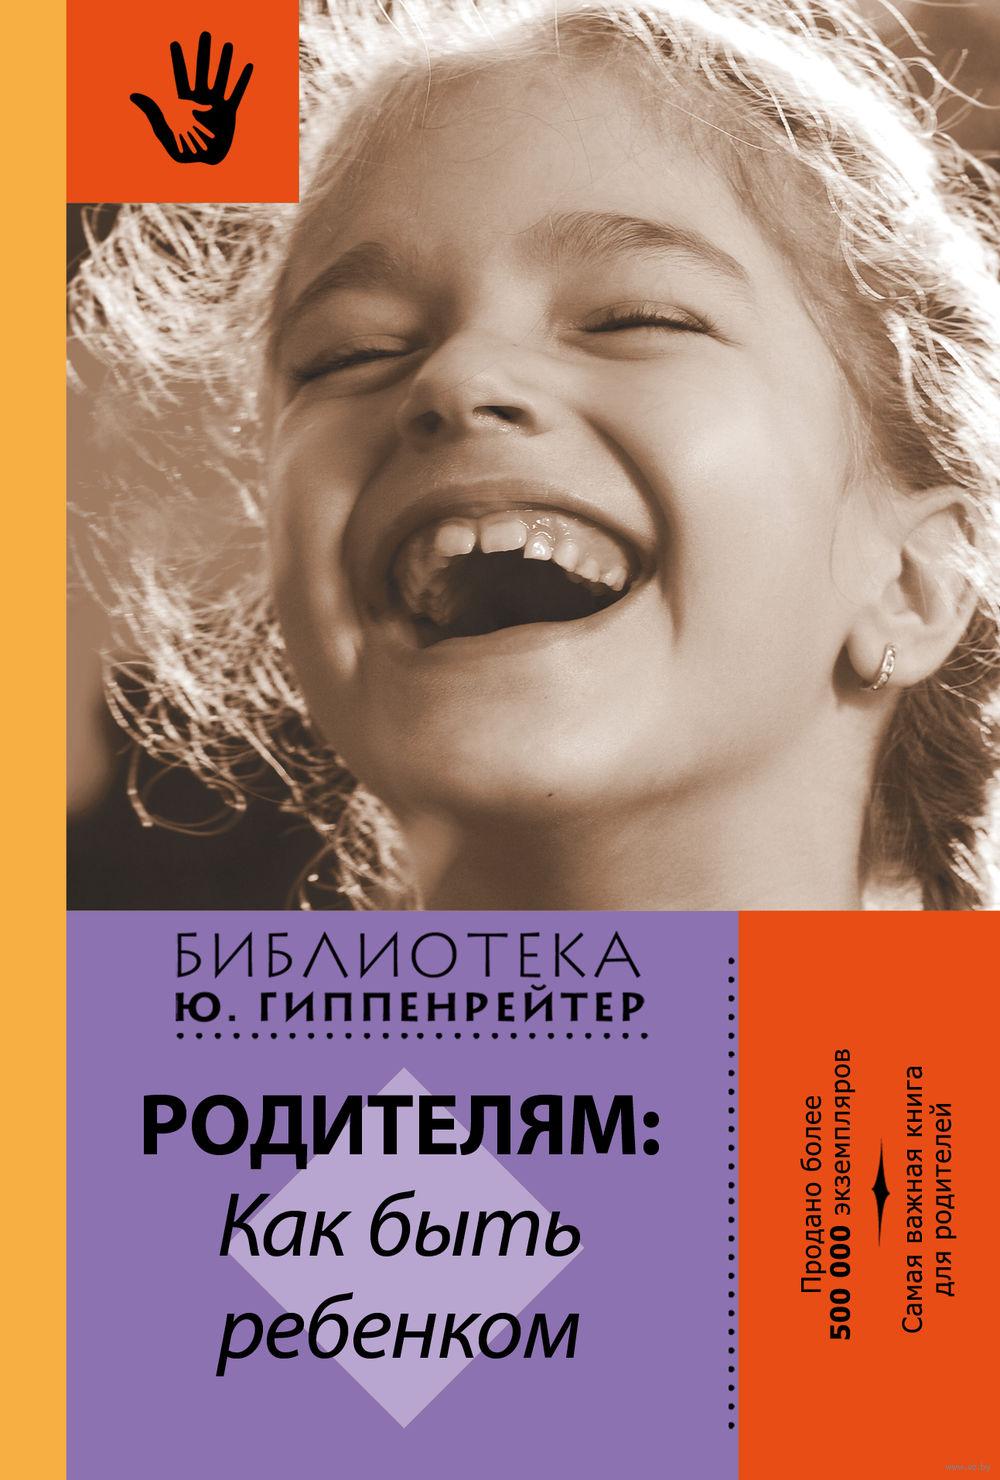 Читать бесплатно книгу Введение в общую психологию курс